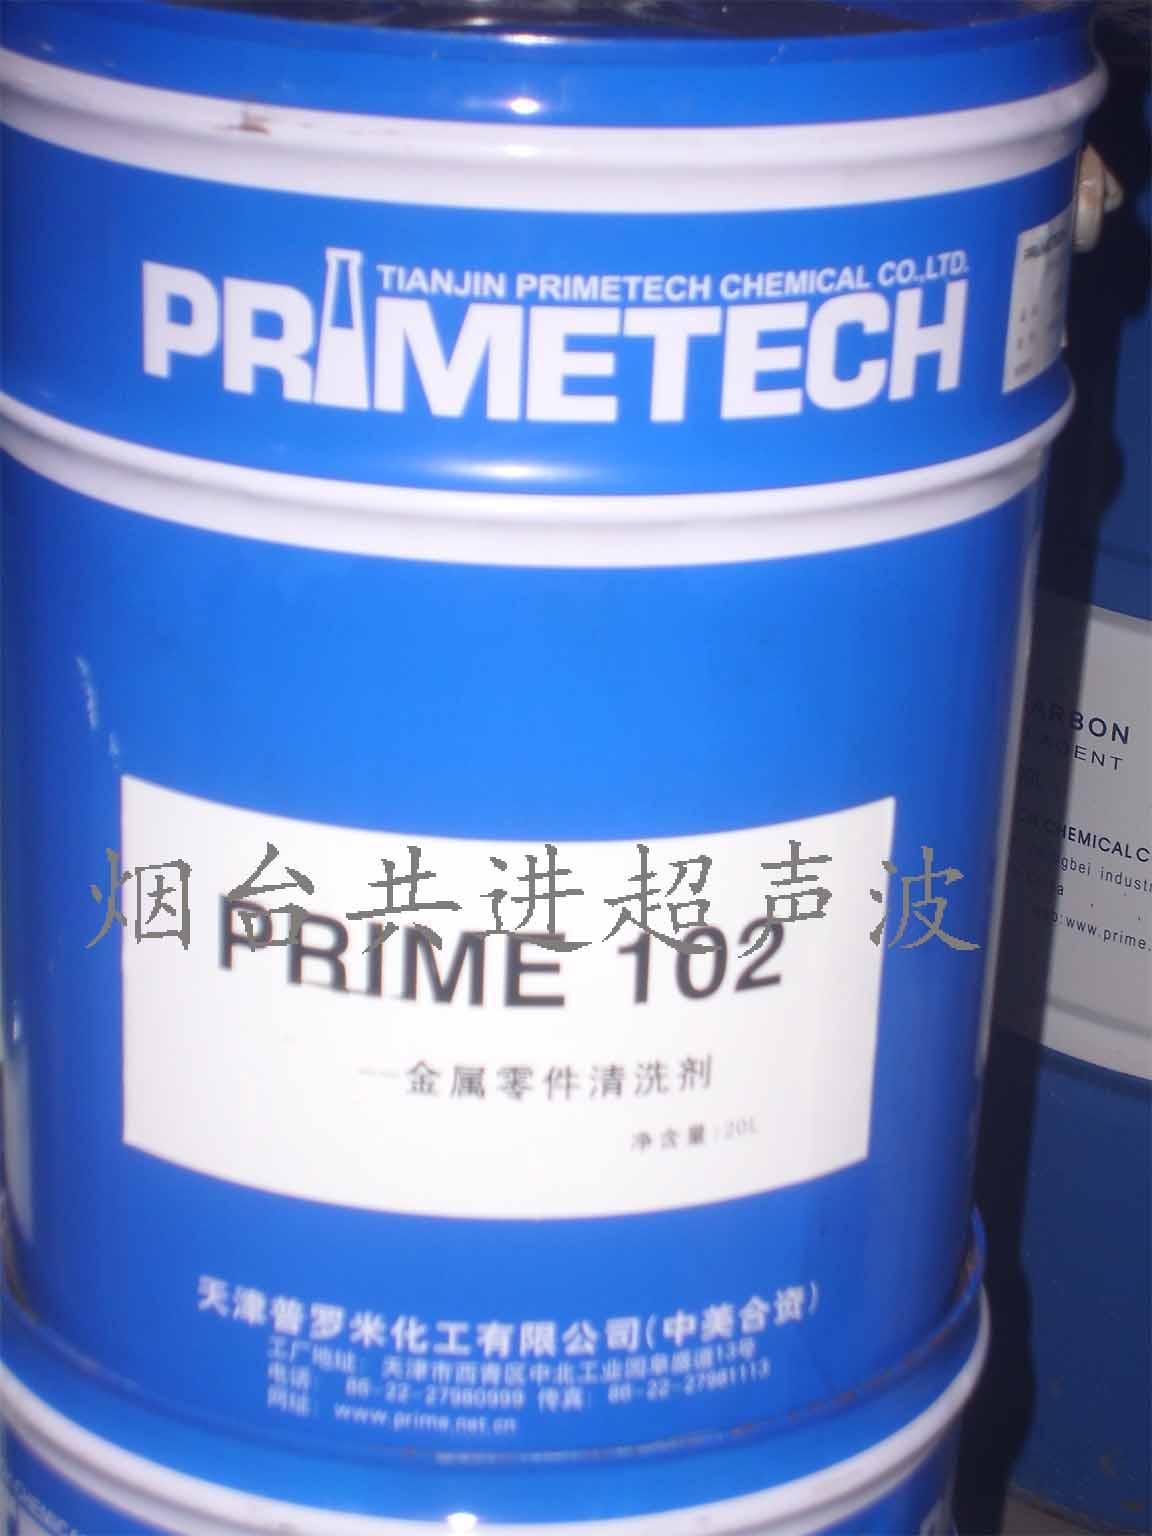 溶剂型超声波清洗剂性能及使用表